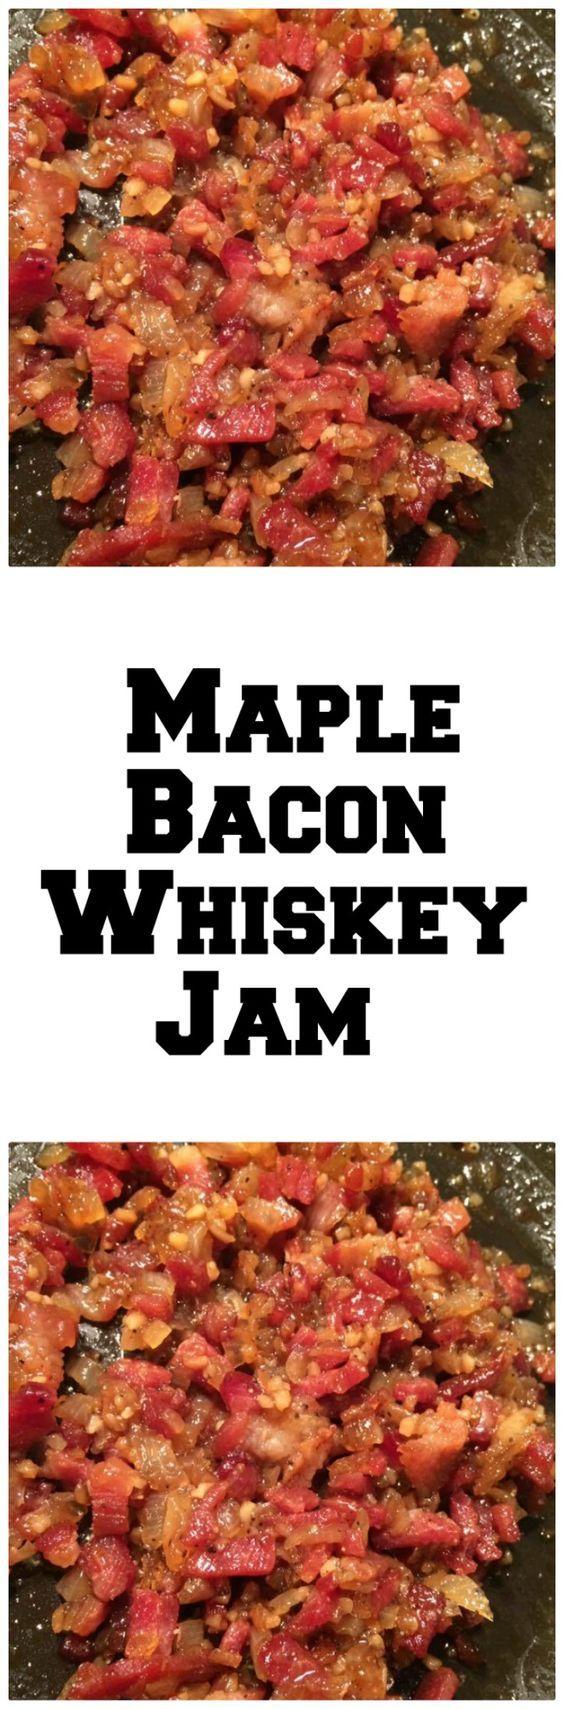 Maple Whiskey Bacon Jam